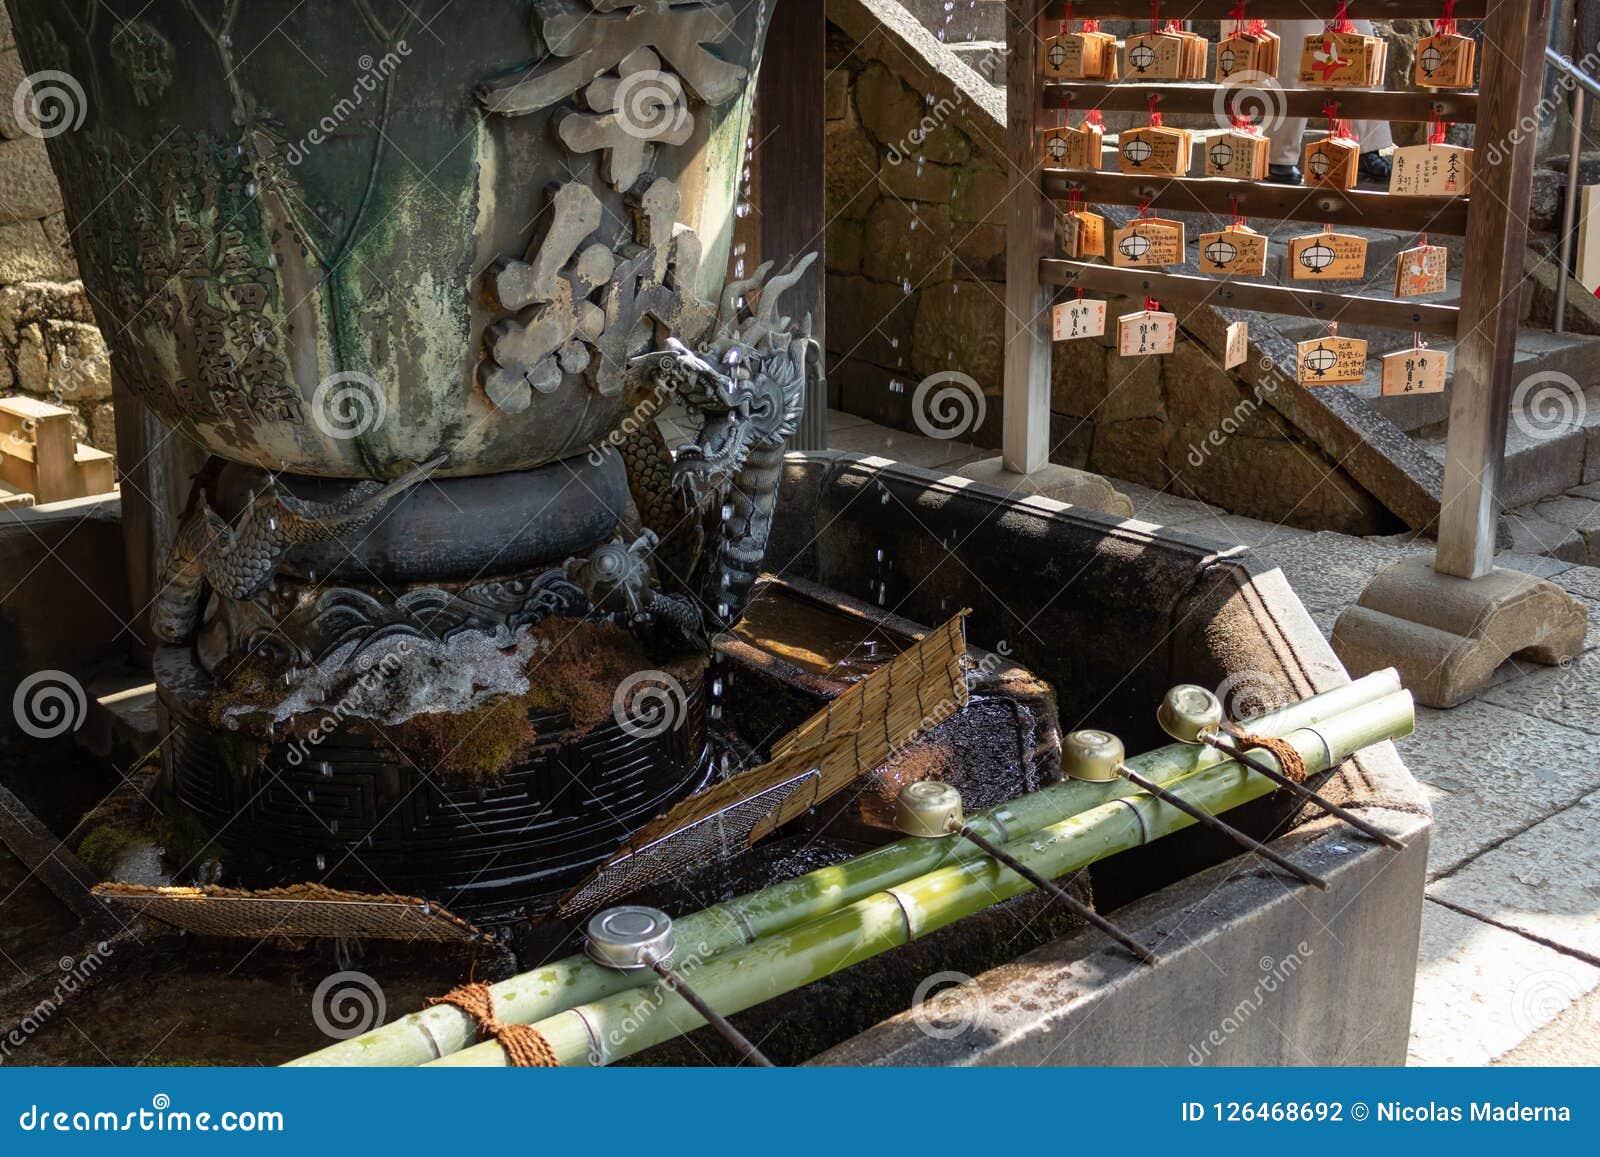 NARA, GIAPPONE - 30 GENNAIO 2018: Fontana del drago per il rito di depurazione delle acque di Chozuya in tempio di Osaka